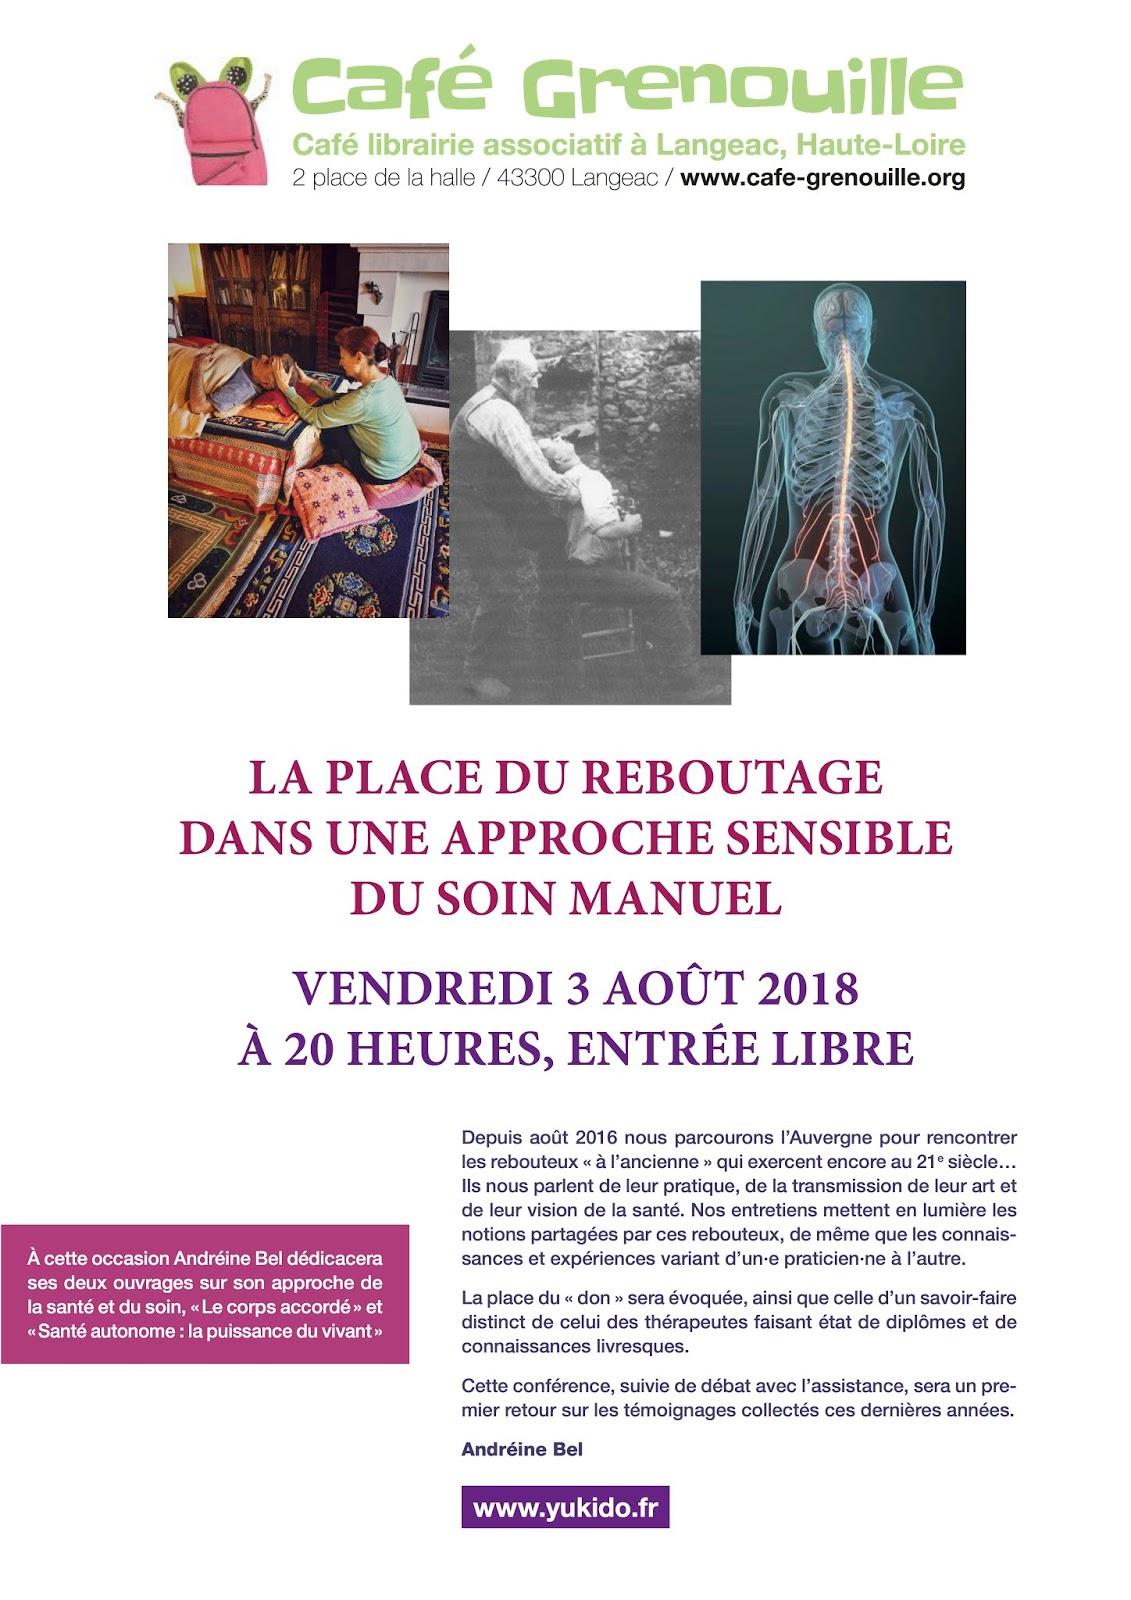 Cafe Grenouille Cafe Librairie Associatif A Langeac Haute Loire 2018